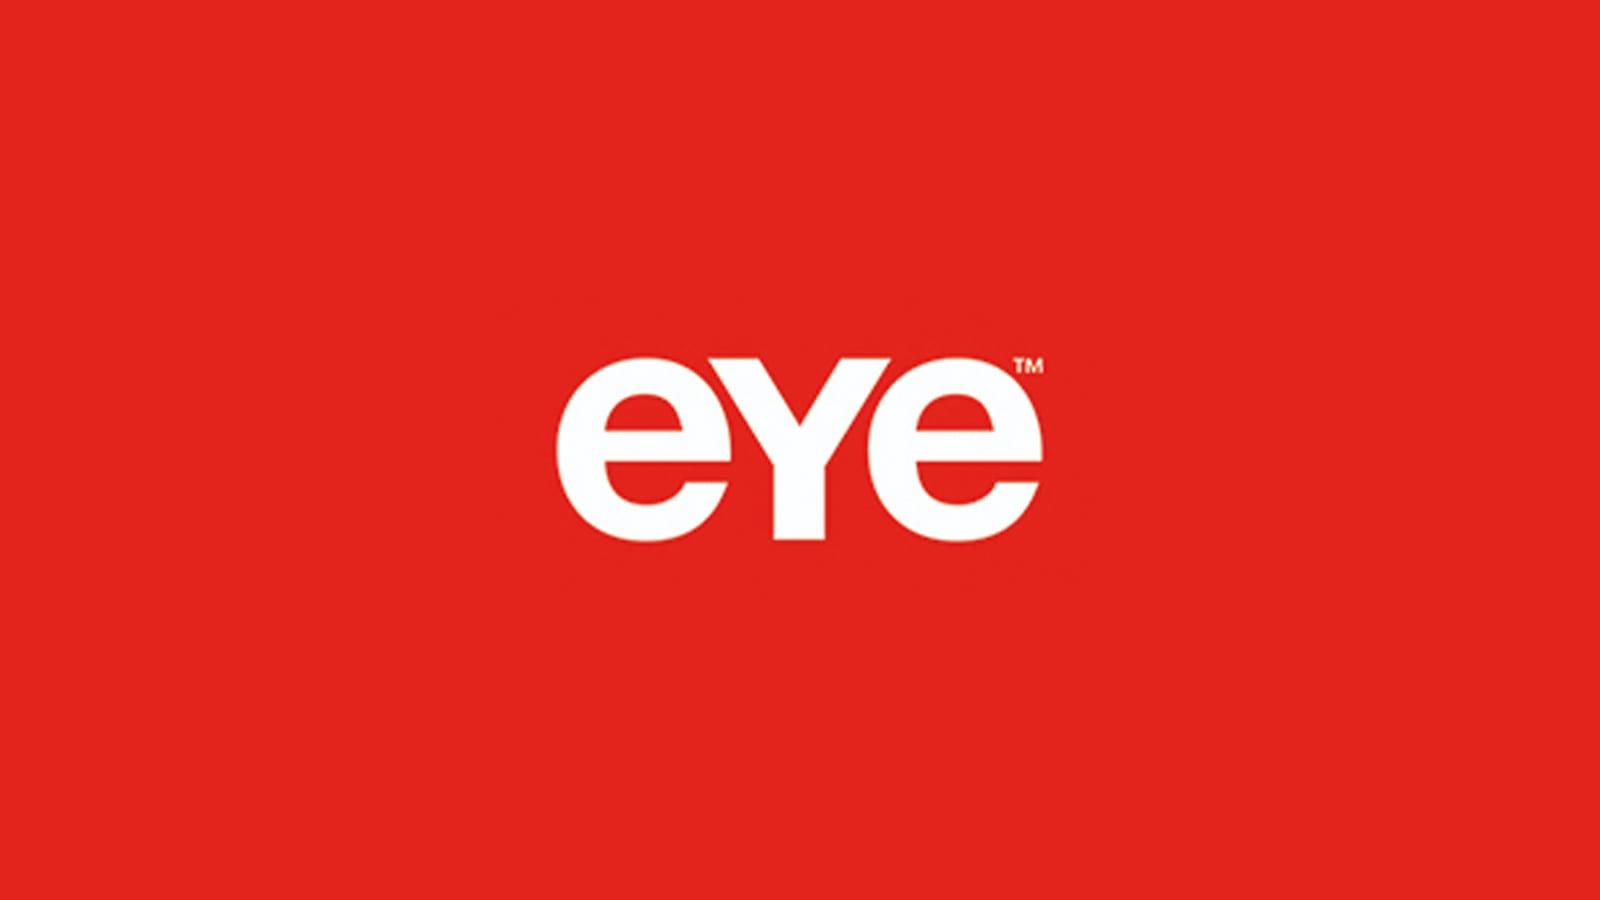 eye-logo